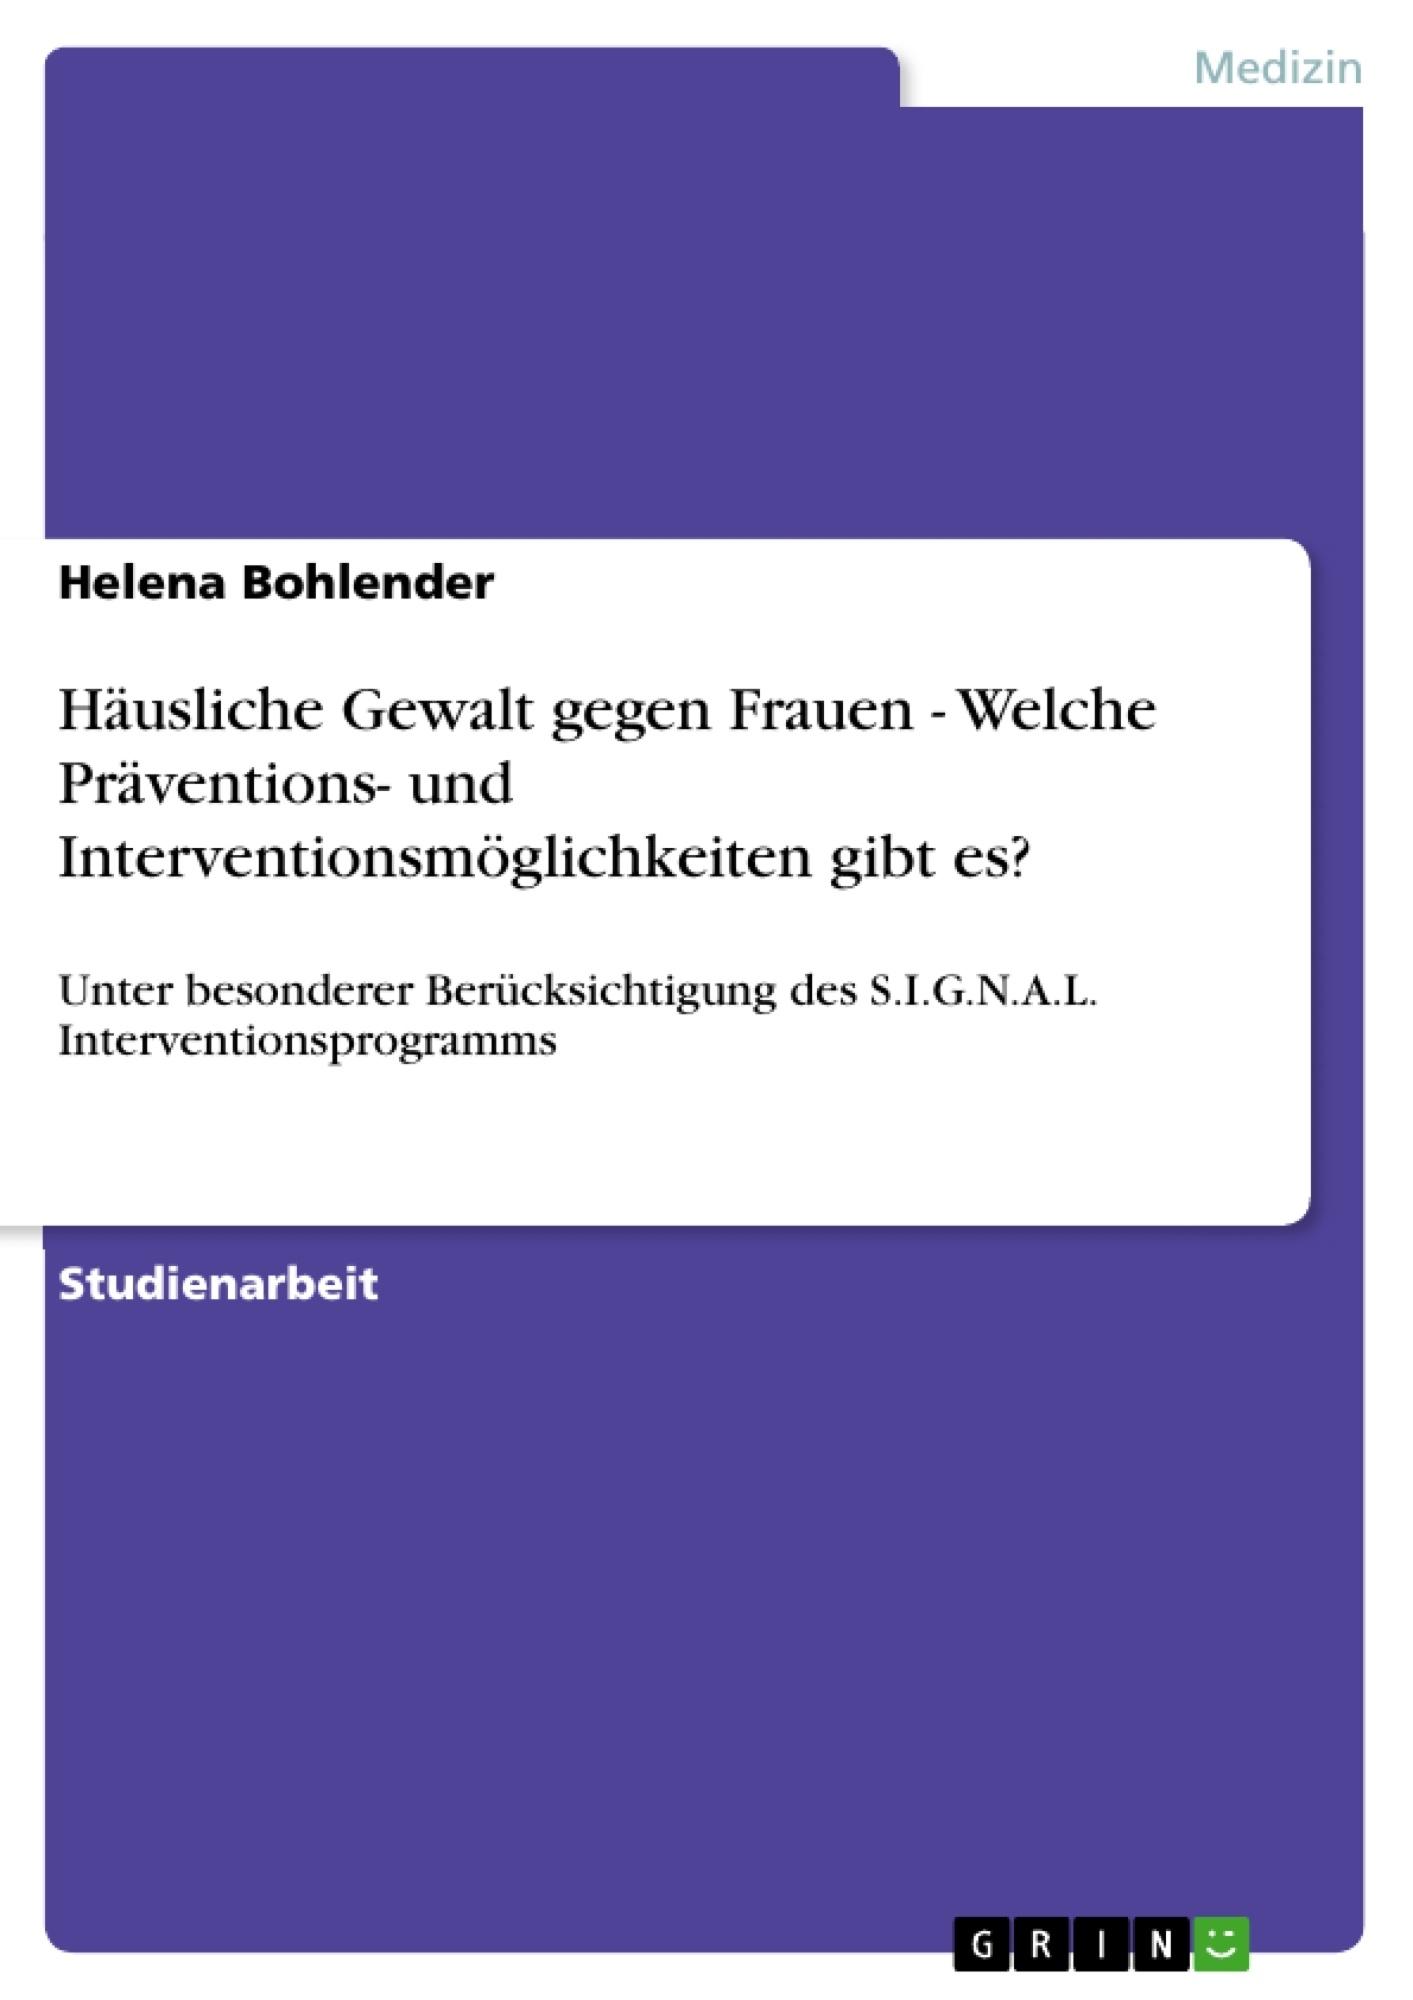 Titel: Häusliche Gewalt gegen Frauen - Welche Präventions- und Interventionsmöglichkeiten gibt es?